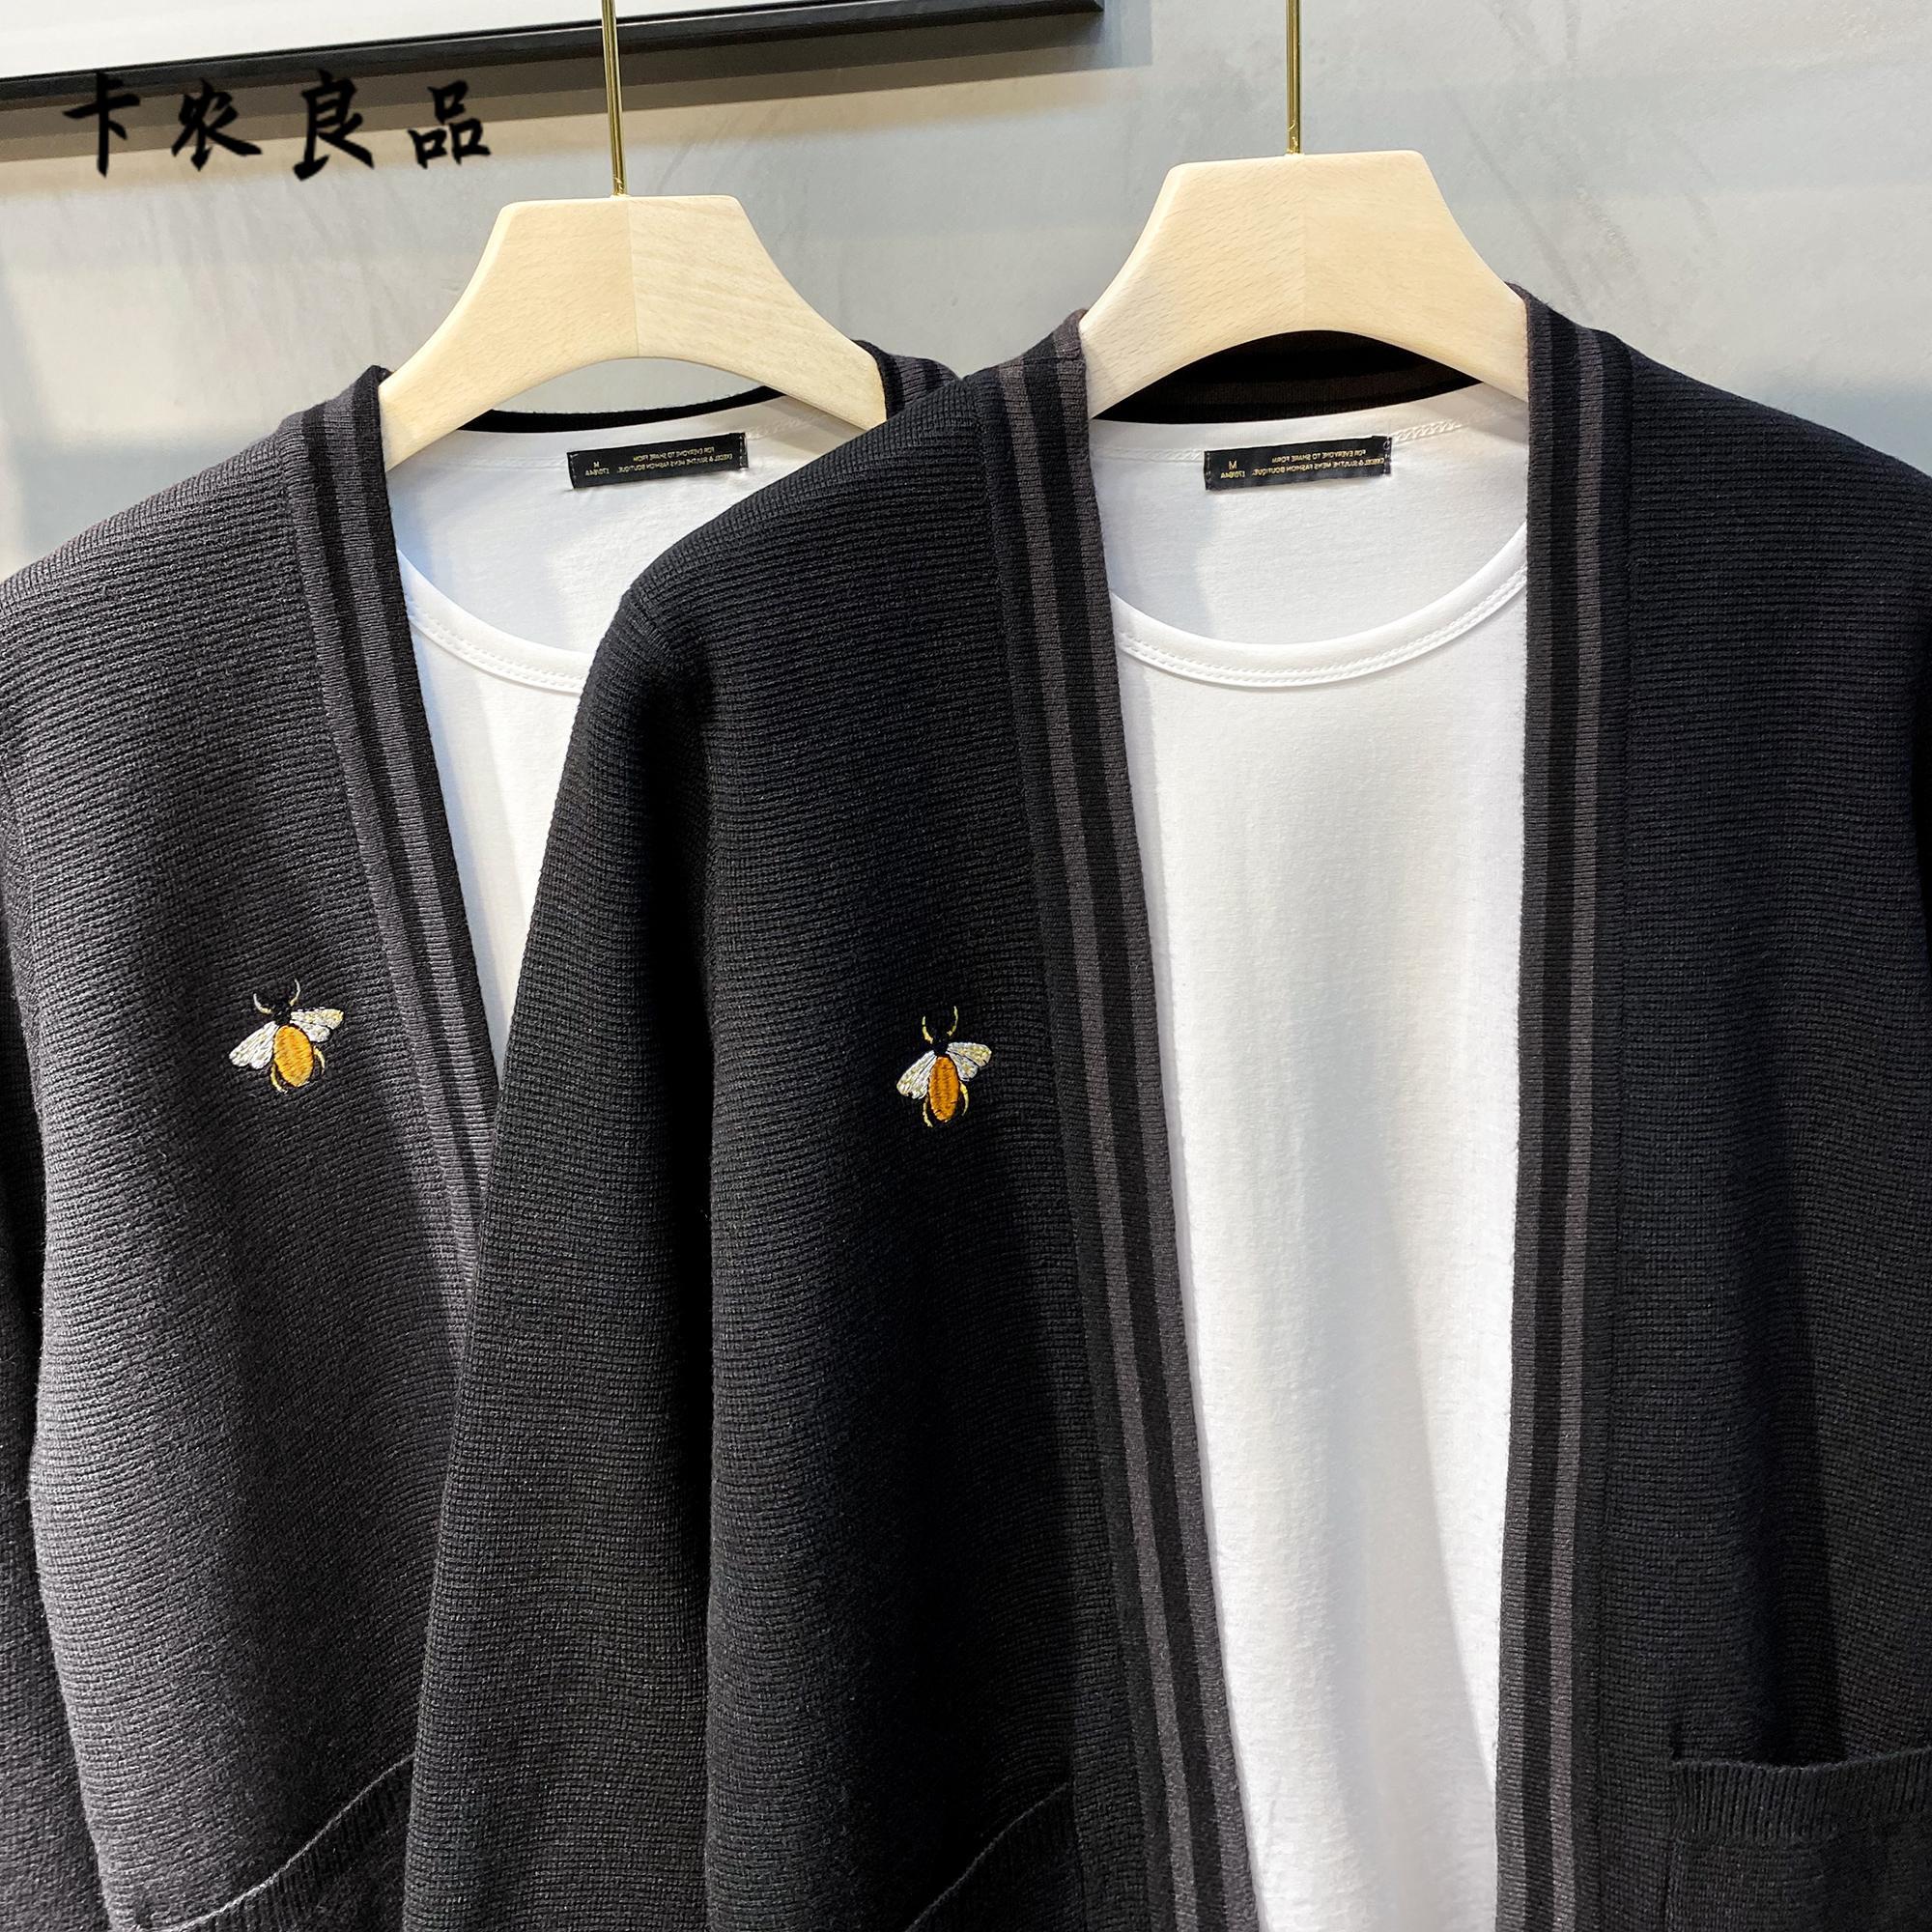 针织夹克 欧洲站2021新款秋季男士开衫针织衫修身夹克刺绣毛衣外套韩版潮流_推荐淘宝好看的男针织夹克